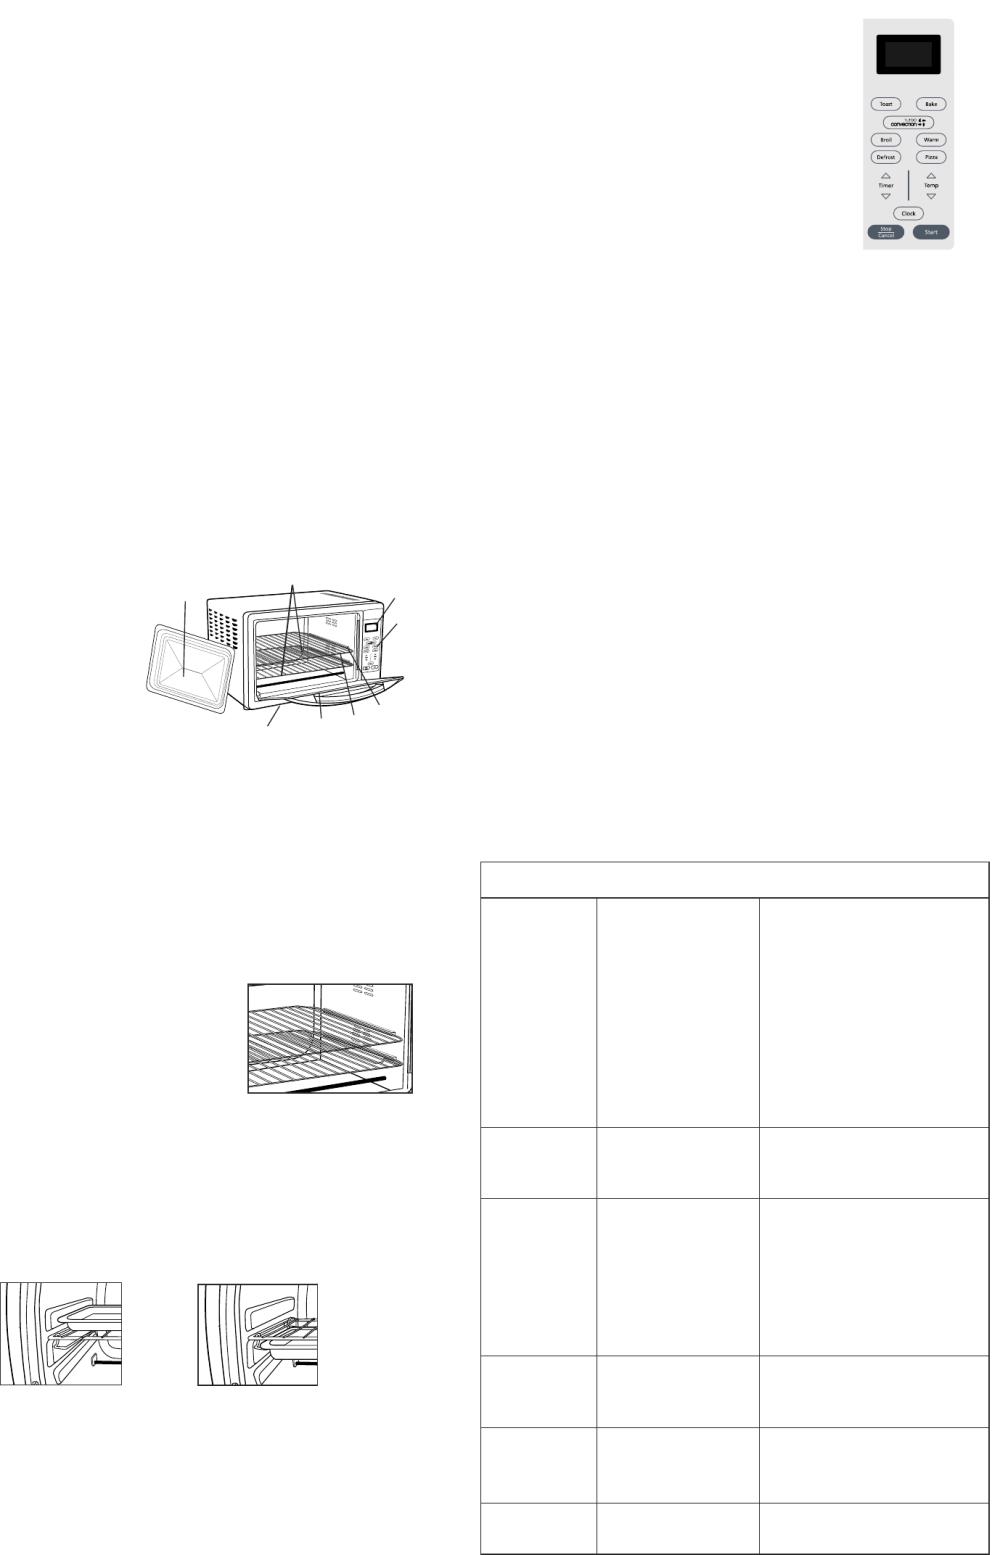 medium resolution of para desconectar oprima el bot n stop cancel parar anular dos veces para apagar el aparato y